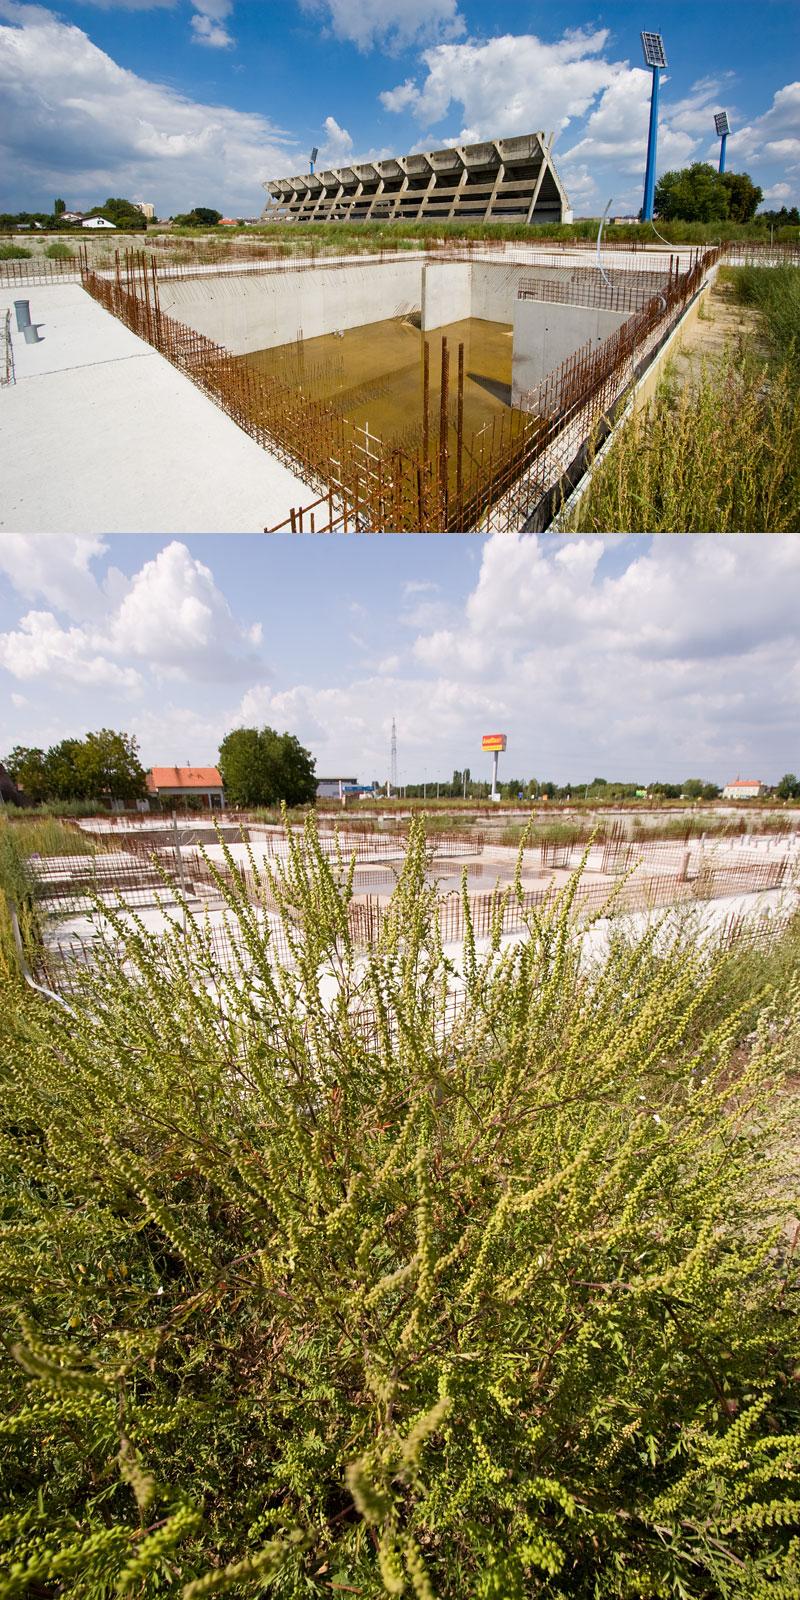 Temelji razdora osječke vlasti  Temelji nesuđene osječke dvorane potopljeni su, zapušteni i obrasli ambrozijom.  Foto: steam  Ključne riječi: dvorana temelji